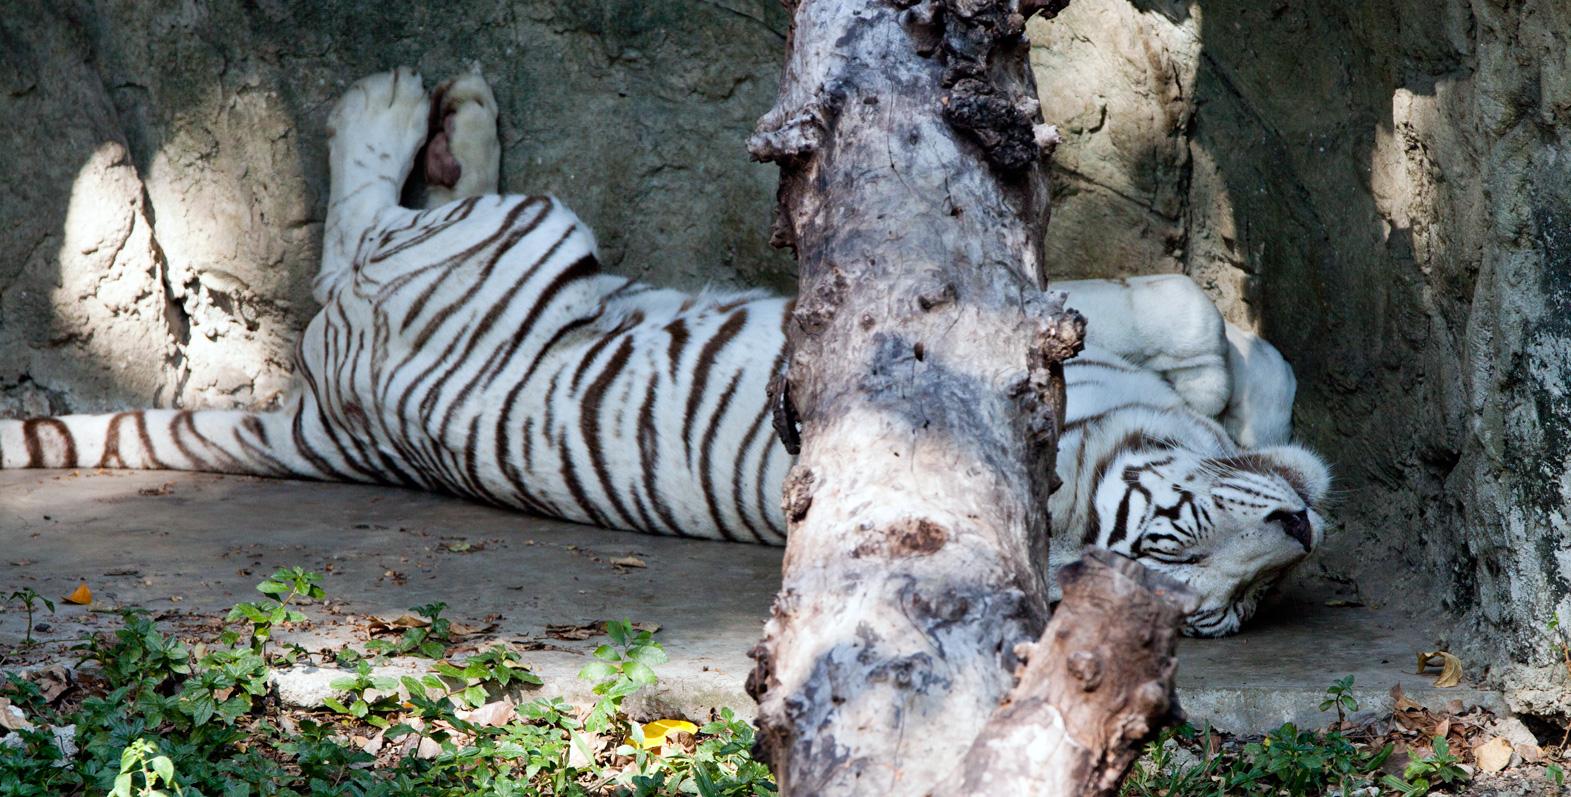 حديقة الحيوانات في بانكوك